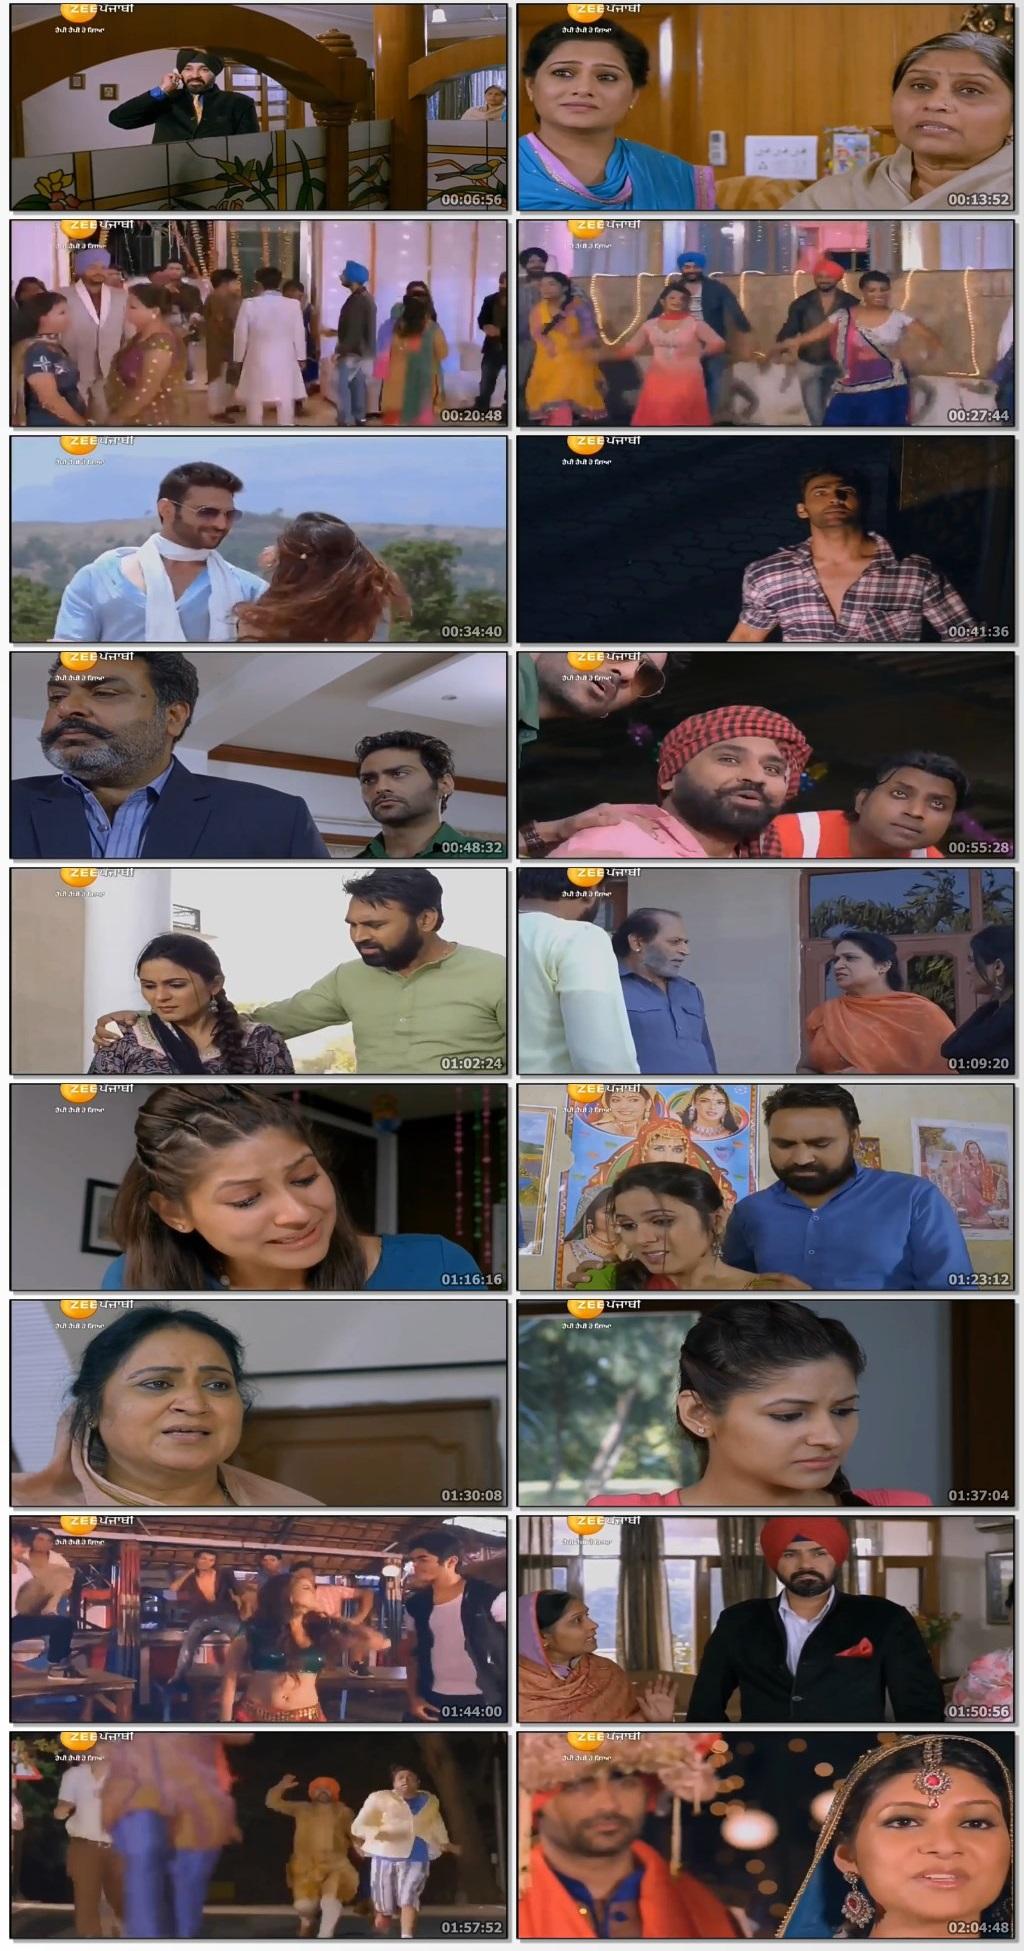 www-7-Star-HD-Team-Happy-Happy-Ho-Gaya-2021-Punjabi-Full-Movie-720p-HDTVRip-x264-1-4-GB-1-Encoded-mk